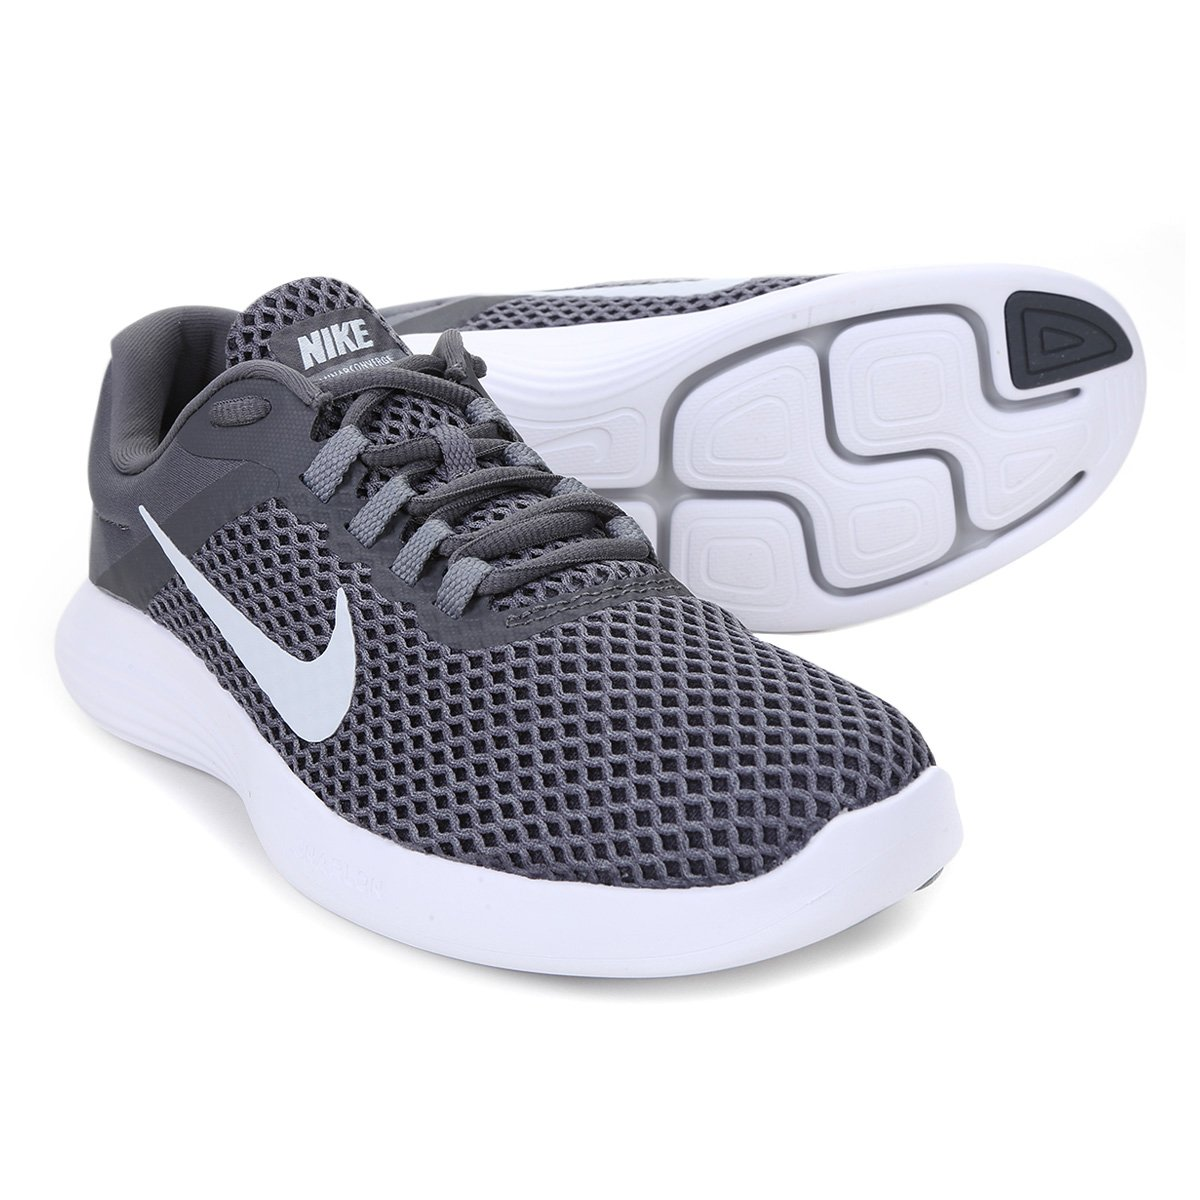 d25acf42d Tênis Nike Lunarconverge 2 Masculino - Cinza e Prata | Shop Timão